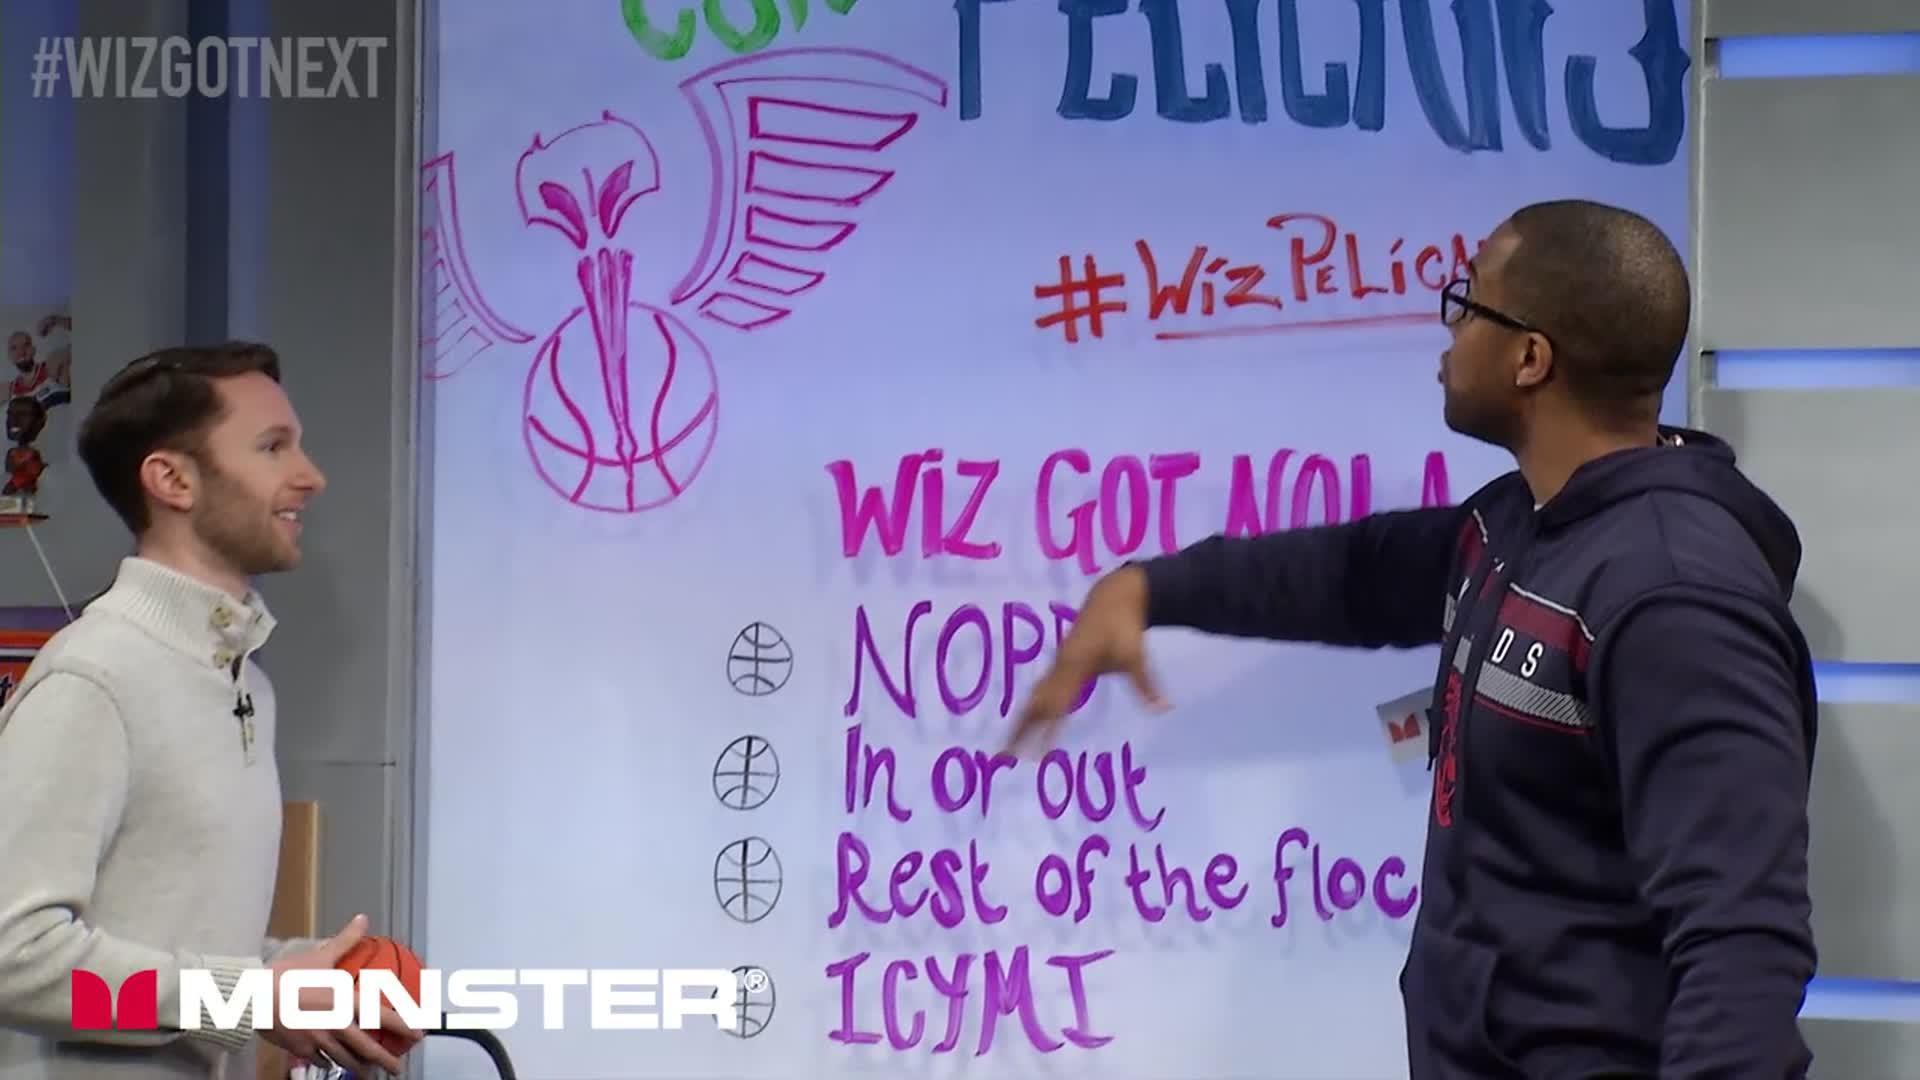 Wiz Got Next: Wizards @ Pelicans Pt 1 - 1-29-17